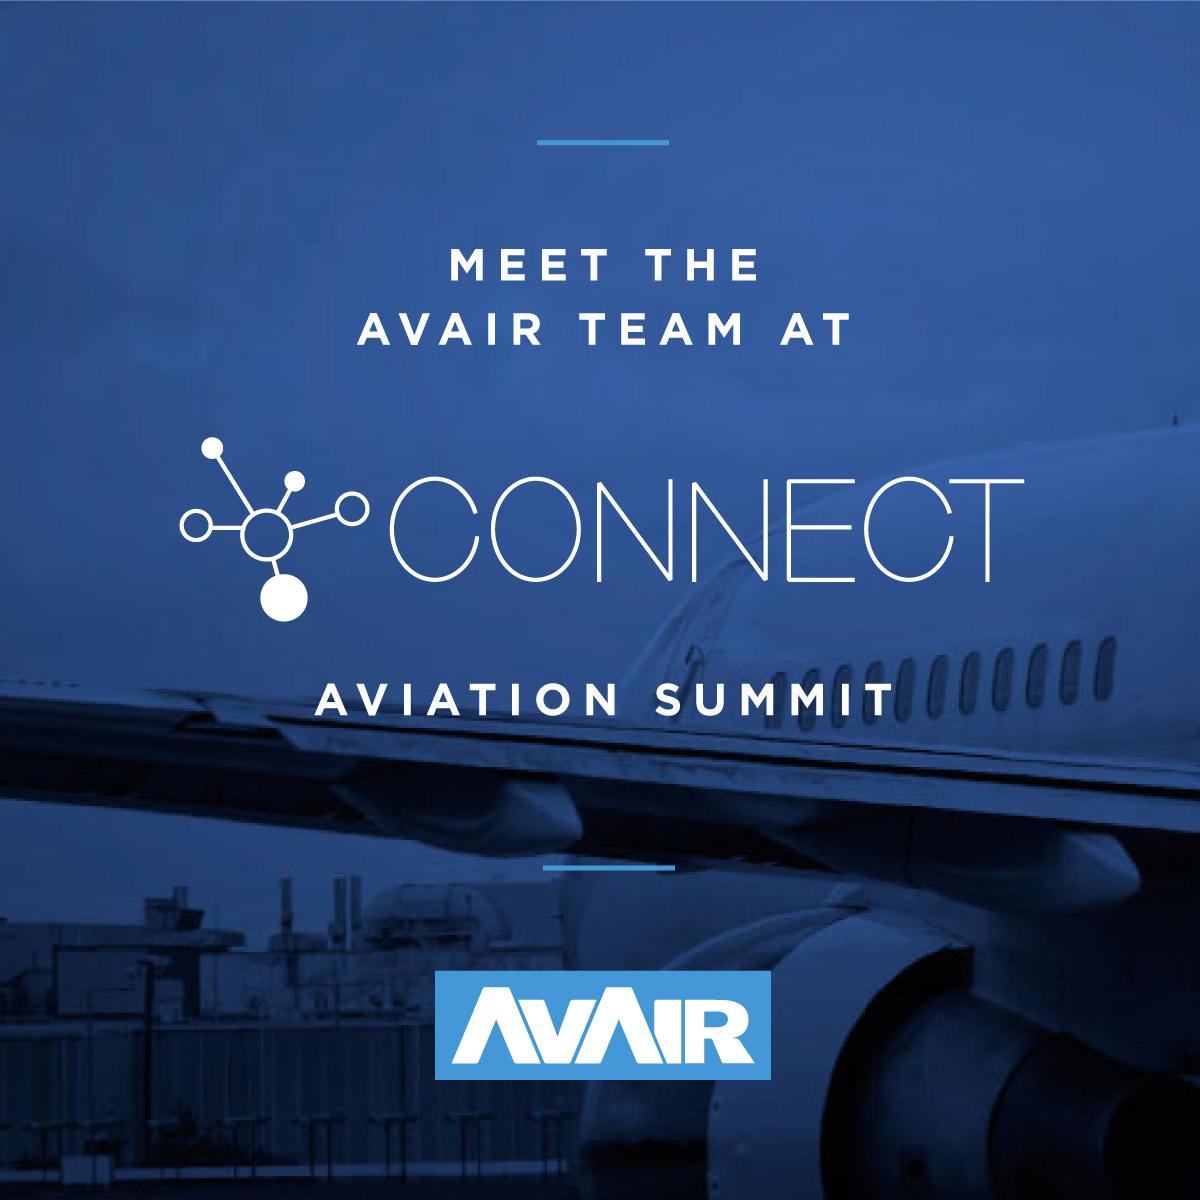 AvAir_MeetTheTeam_CONNECT-sr03222018